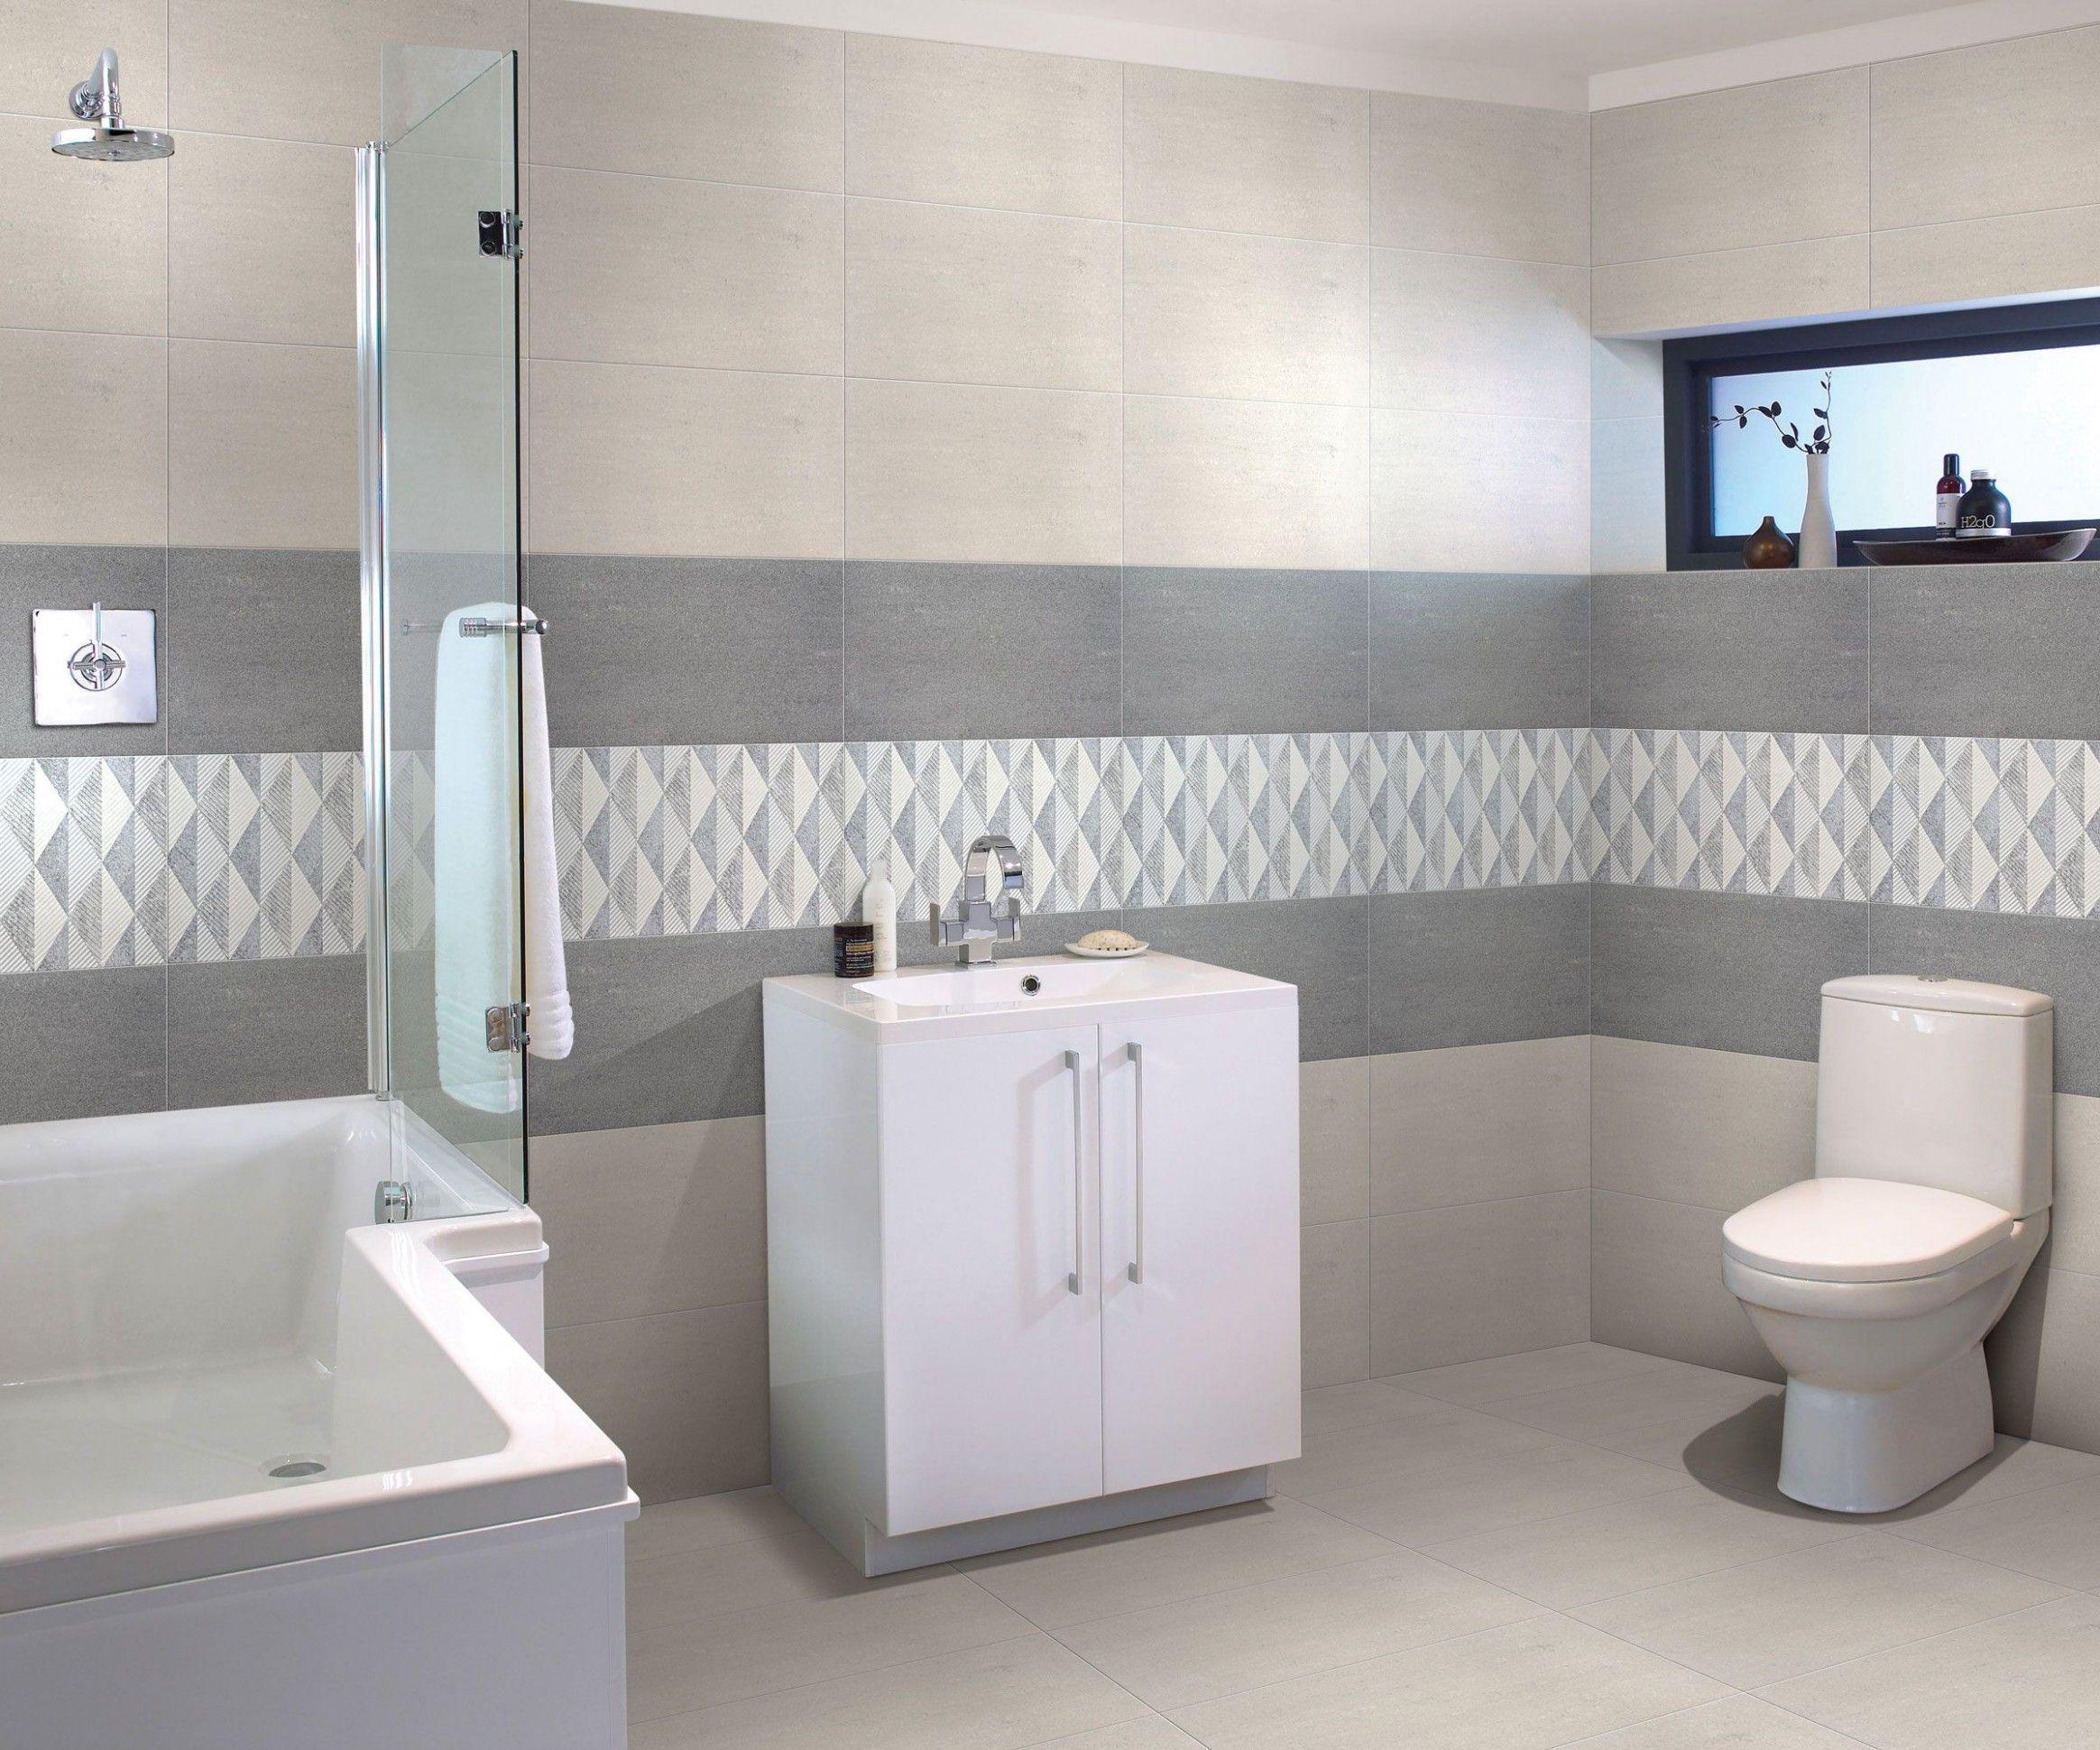 Indian Bathroom Floor Tiles Design Pictures Bathroom Design Floor Indian Pic Bathroom In 2020 Bathroom Wall Tile Design Bathroom Wall Tile Bathroom Tile Designs